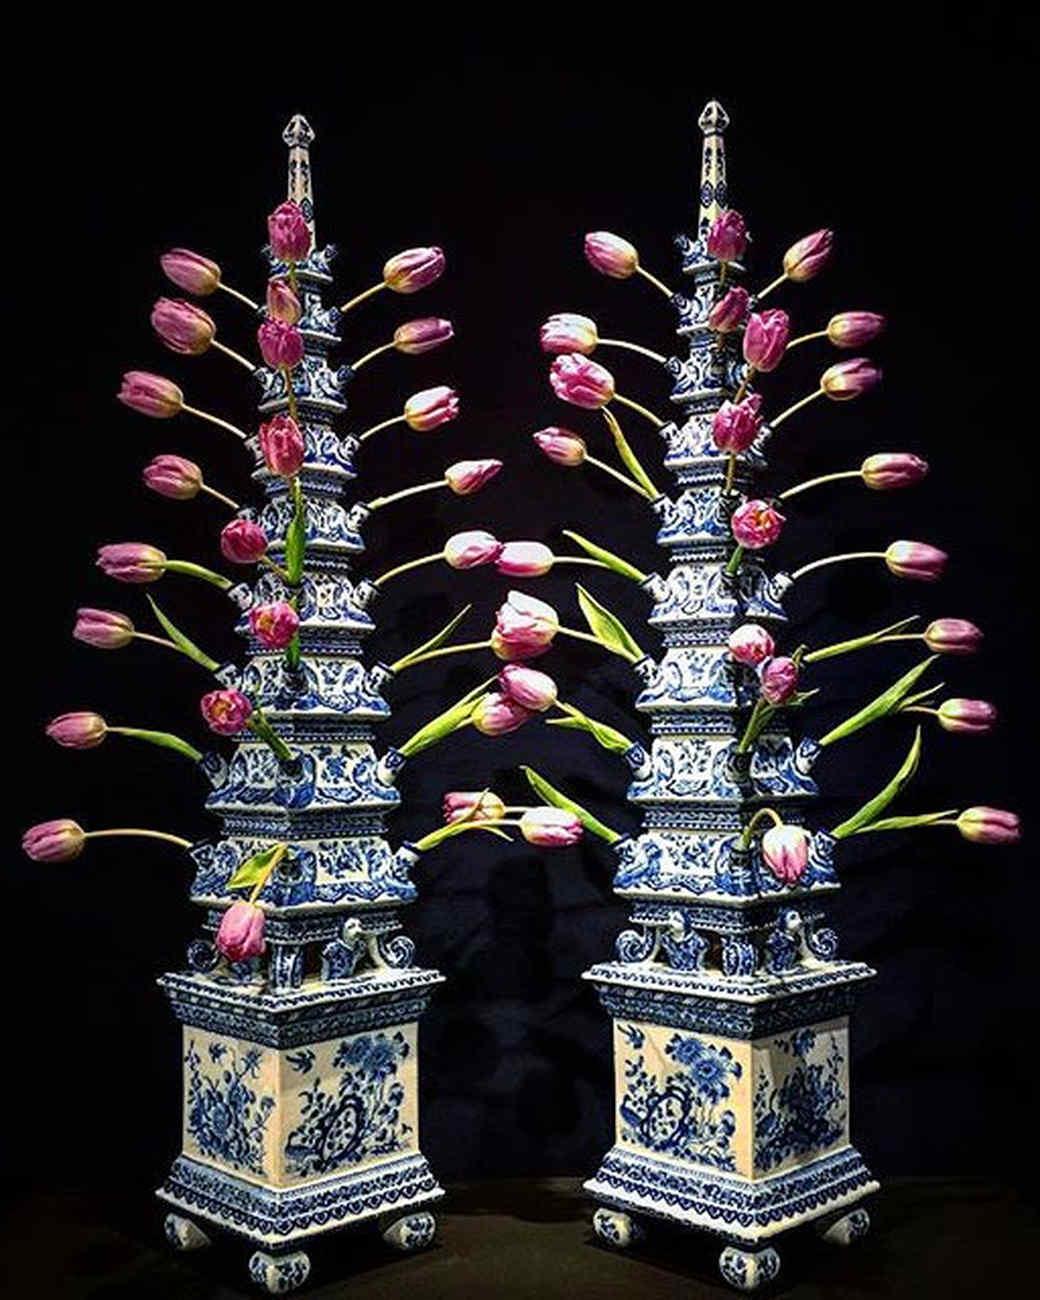 sharkey-instagram-tulips.jpg